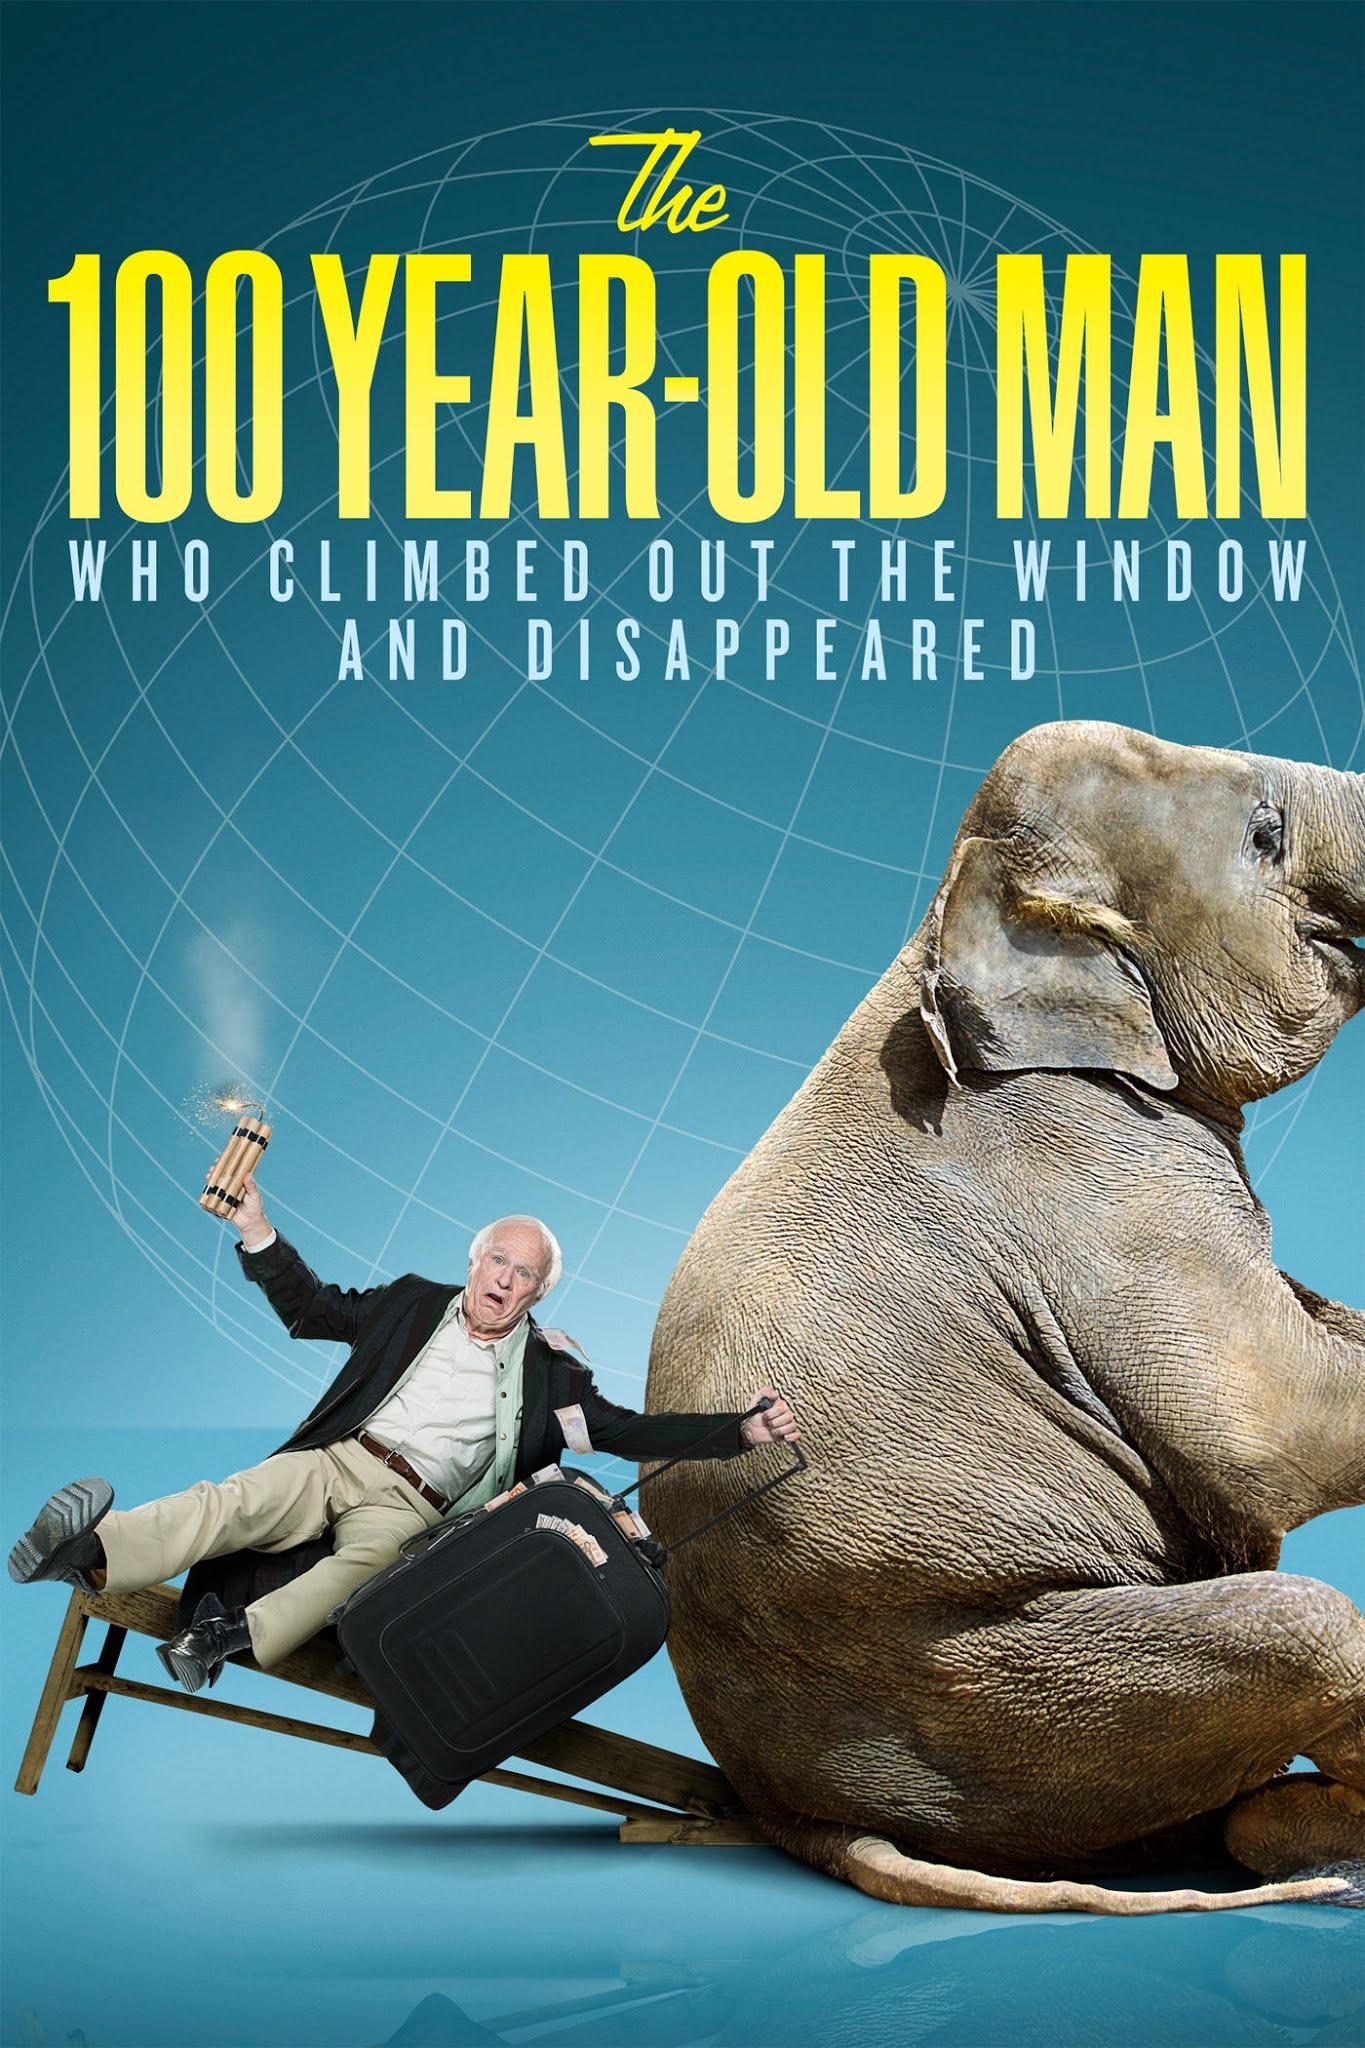 Ông Trăm Tuổi Trèo Qua Cửa Sổ Và Biến Mất - The Hundred Year-Old Man (2013) (2013)